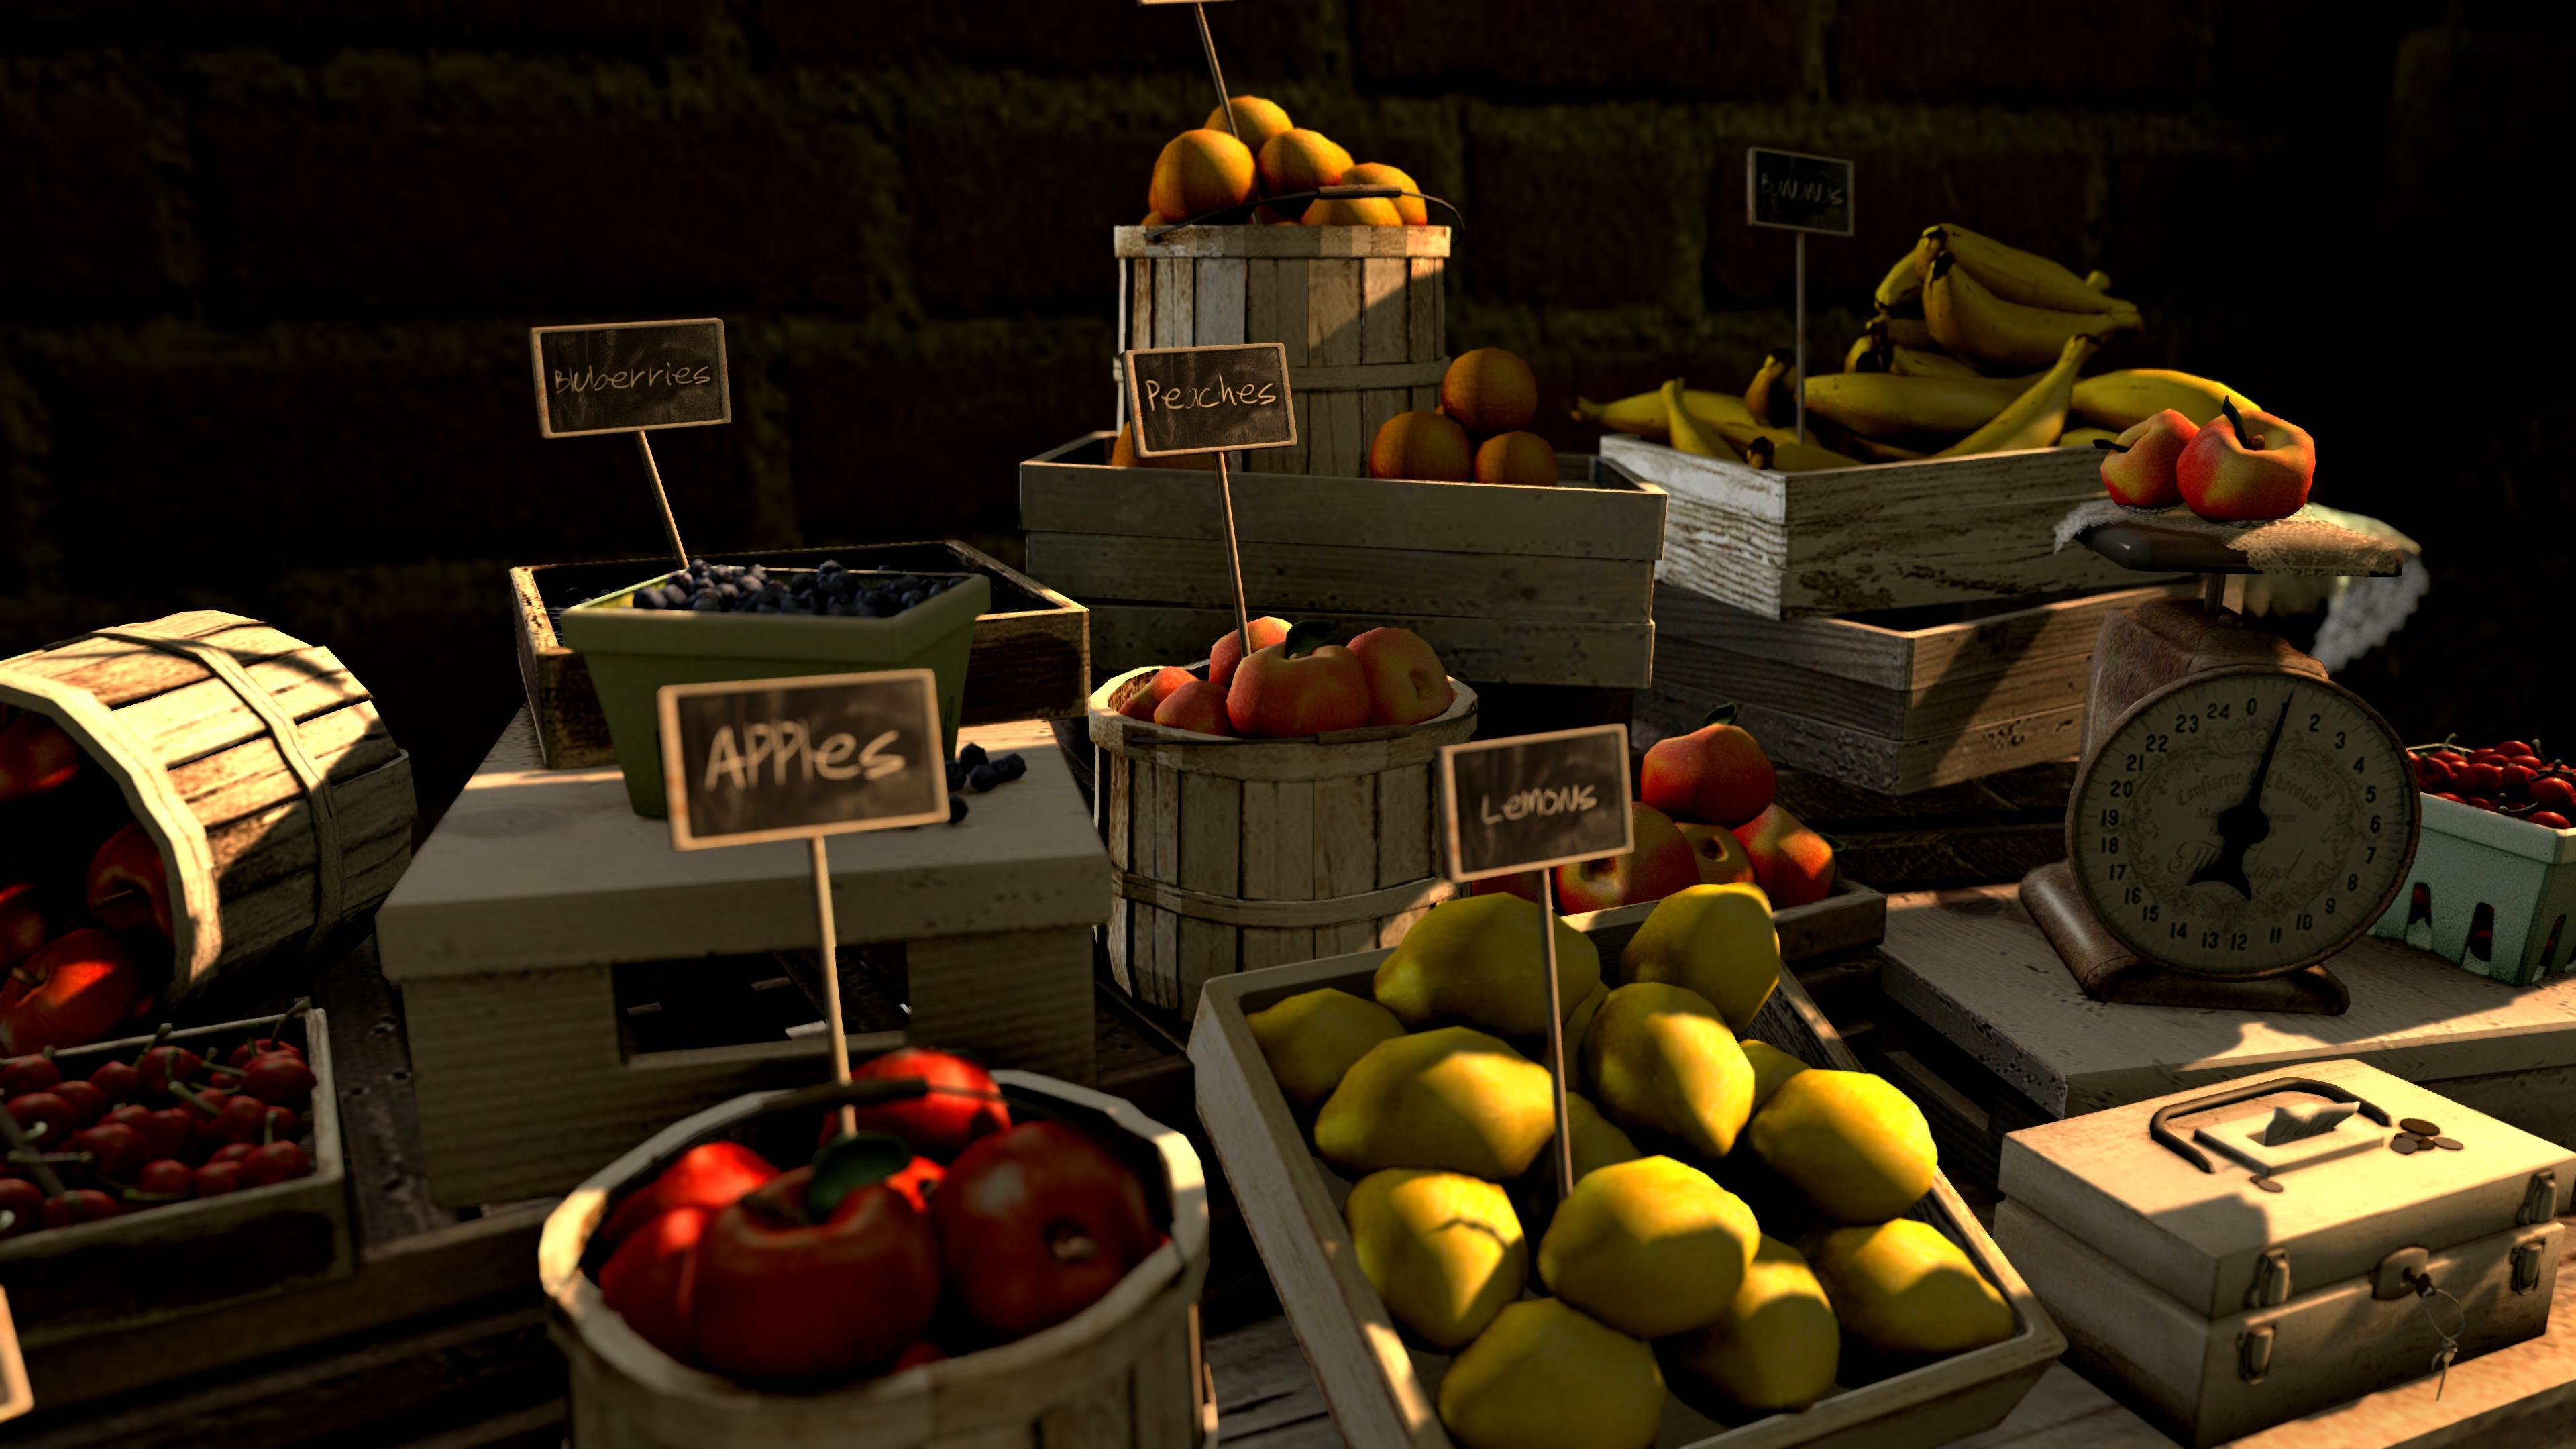 デスクトップ壁紙 作物 Pcゲーム フルーツ 地元の食べ物 フード 3840x2160 デスクトップ壁紙 Wallhere